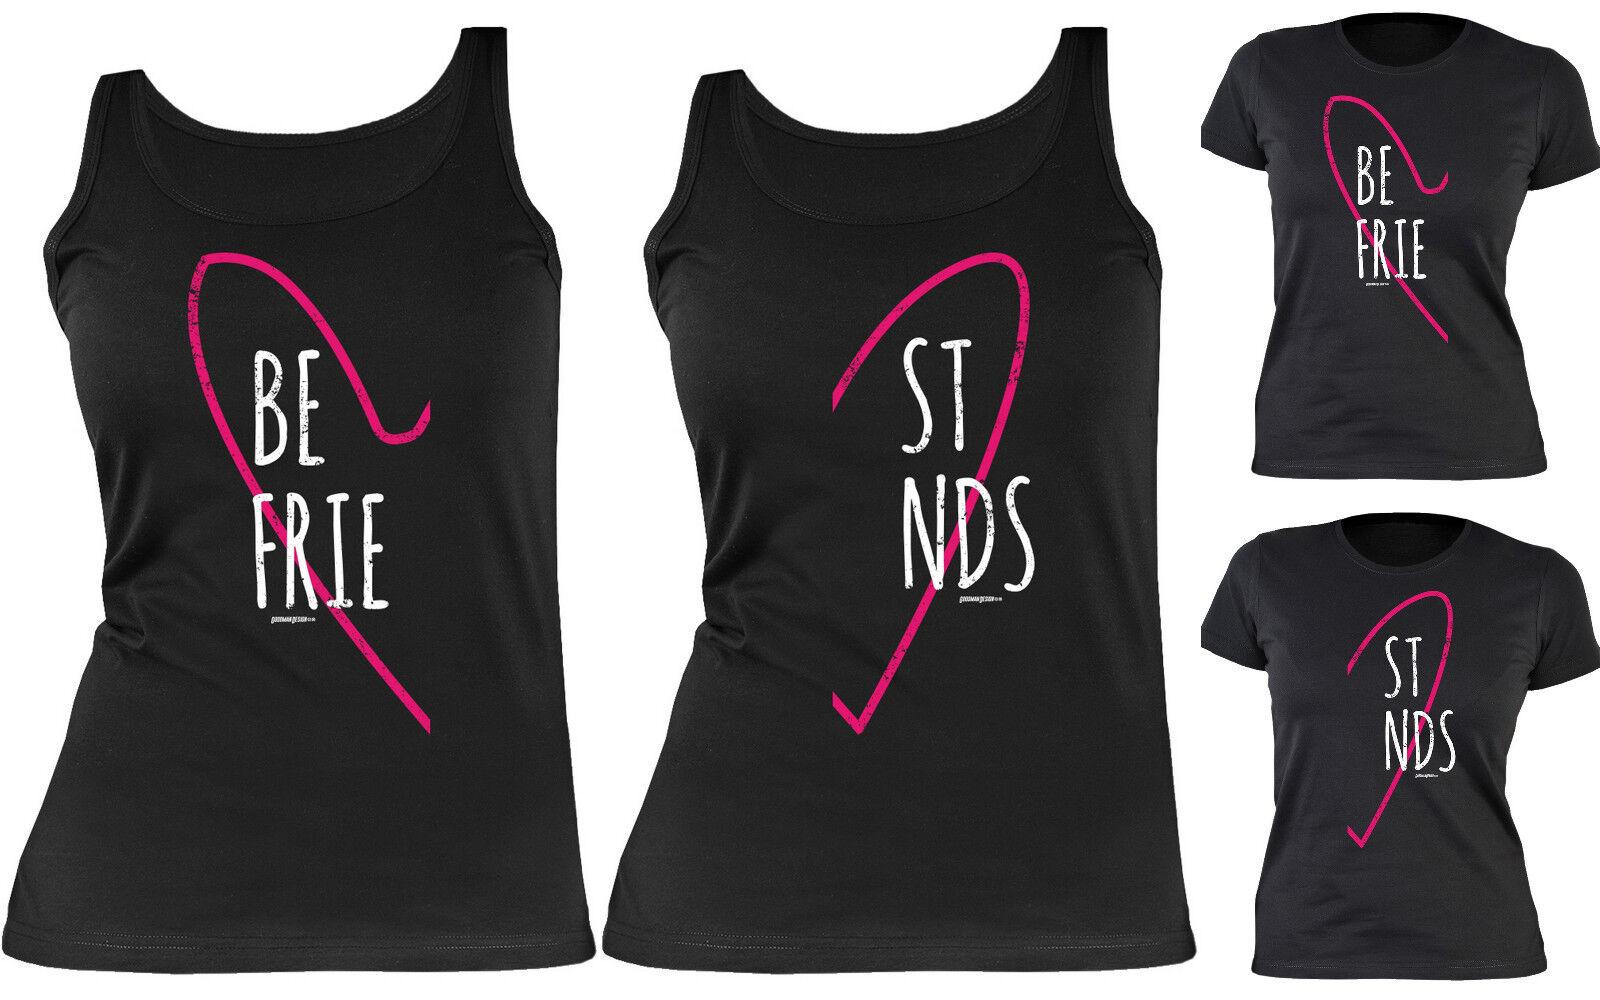 Damen Freundschaftsshirt T-Shirt Freundschaft Best Friend Shirt Mädchen Freunde